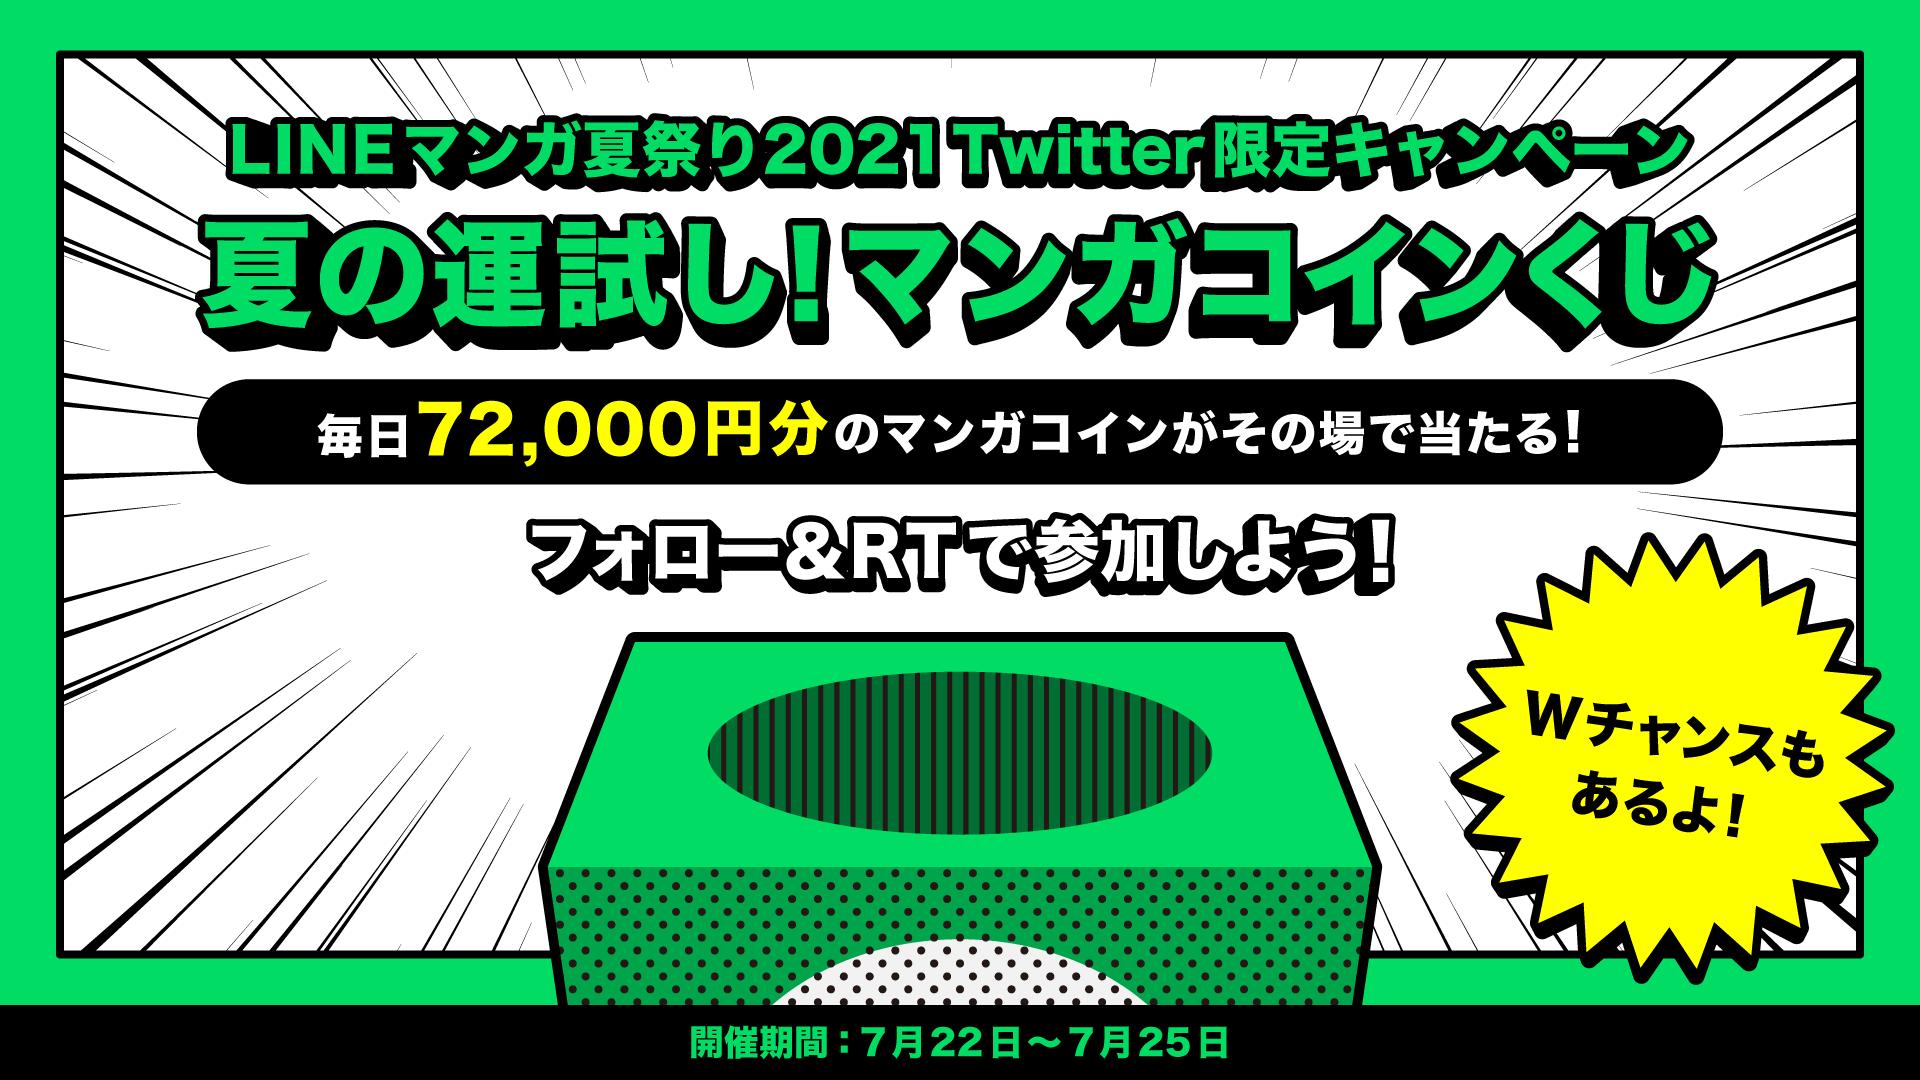 20210721_夏CP_画像_1920x1080